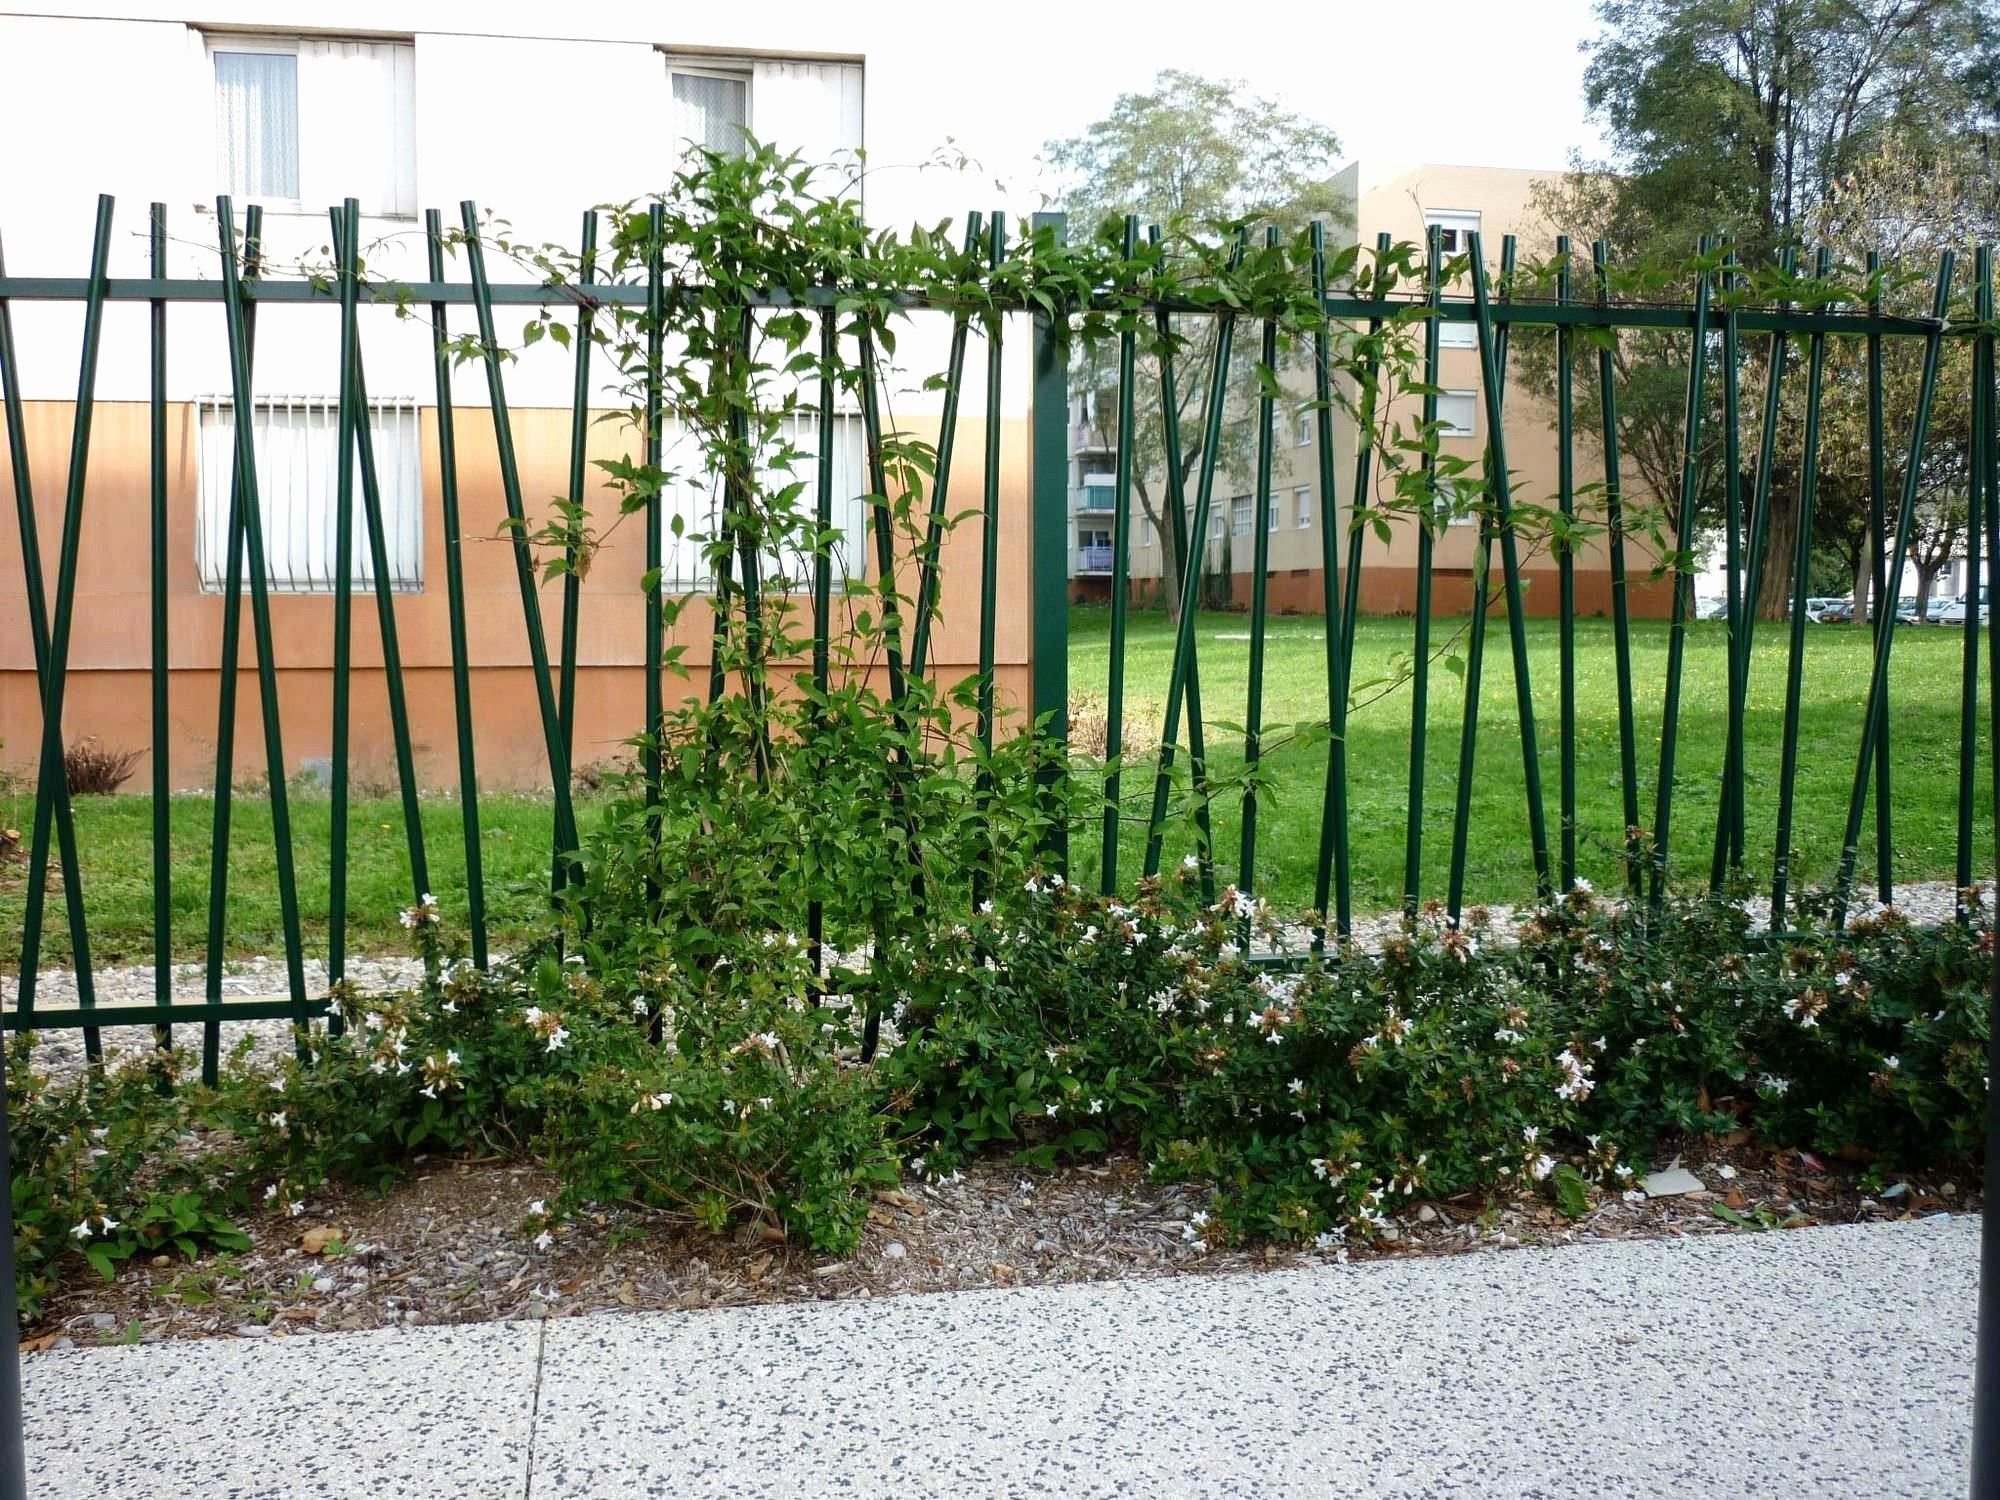 Tonnelle De Jardin Carrefour Luxe Photos Abri De Jardin En Bois Carrefour Plus Fantaisie Cabane De Jardin